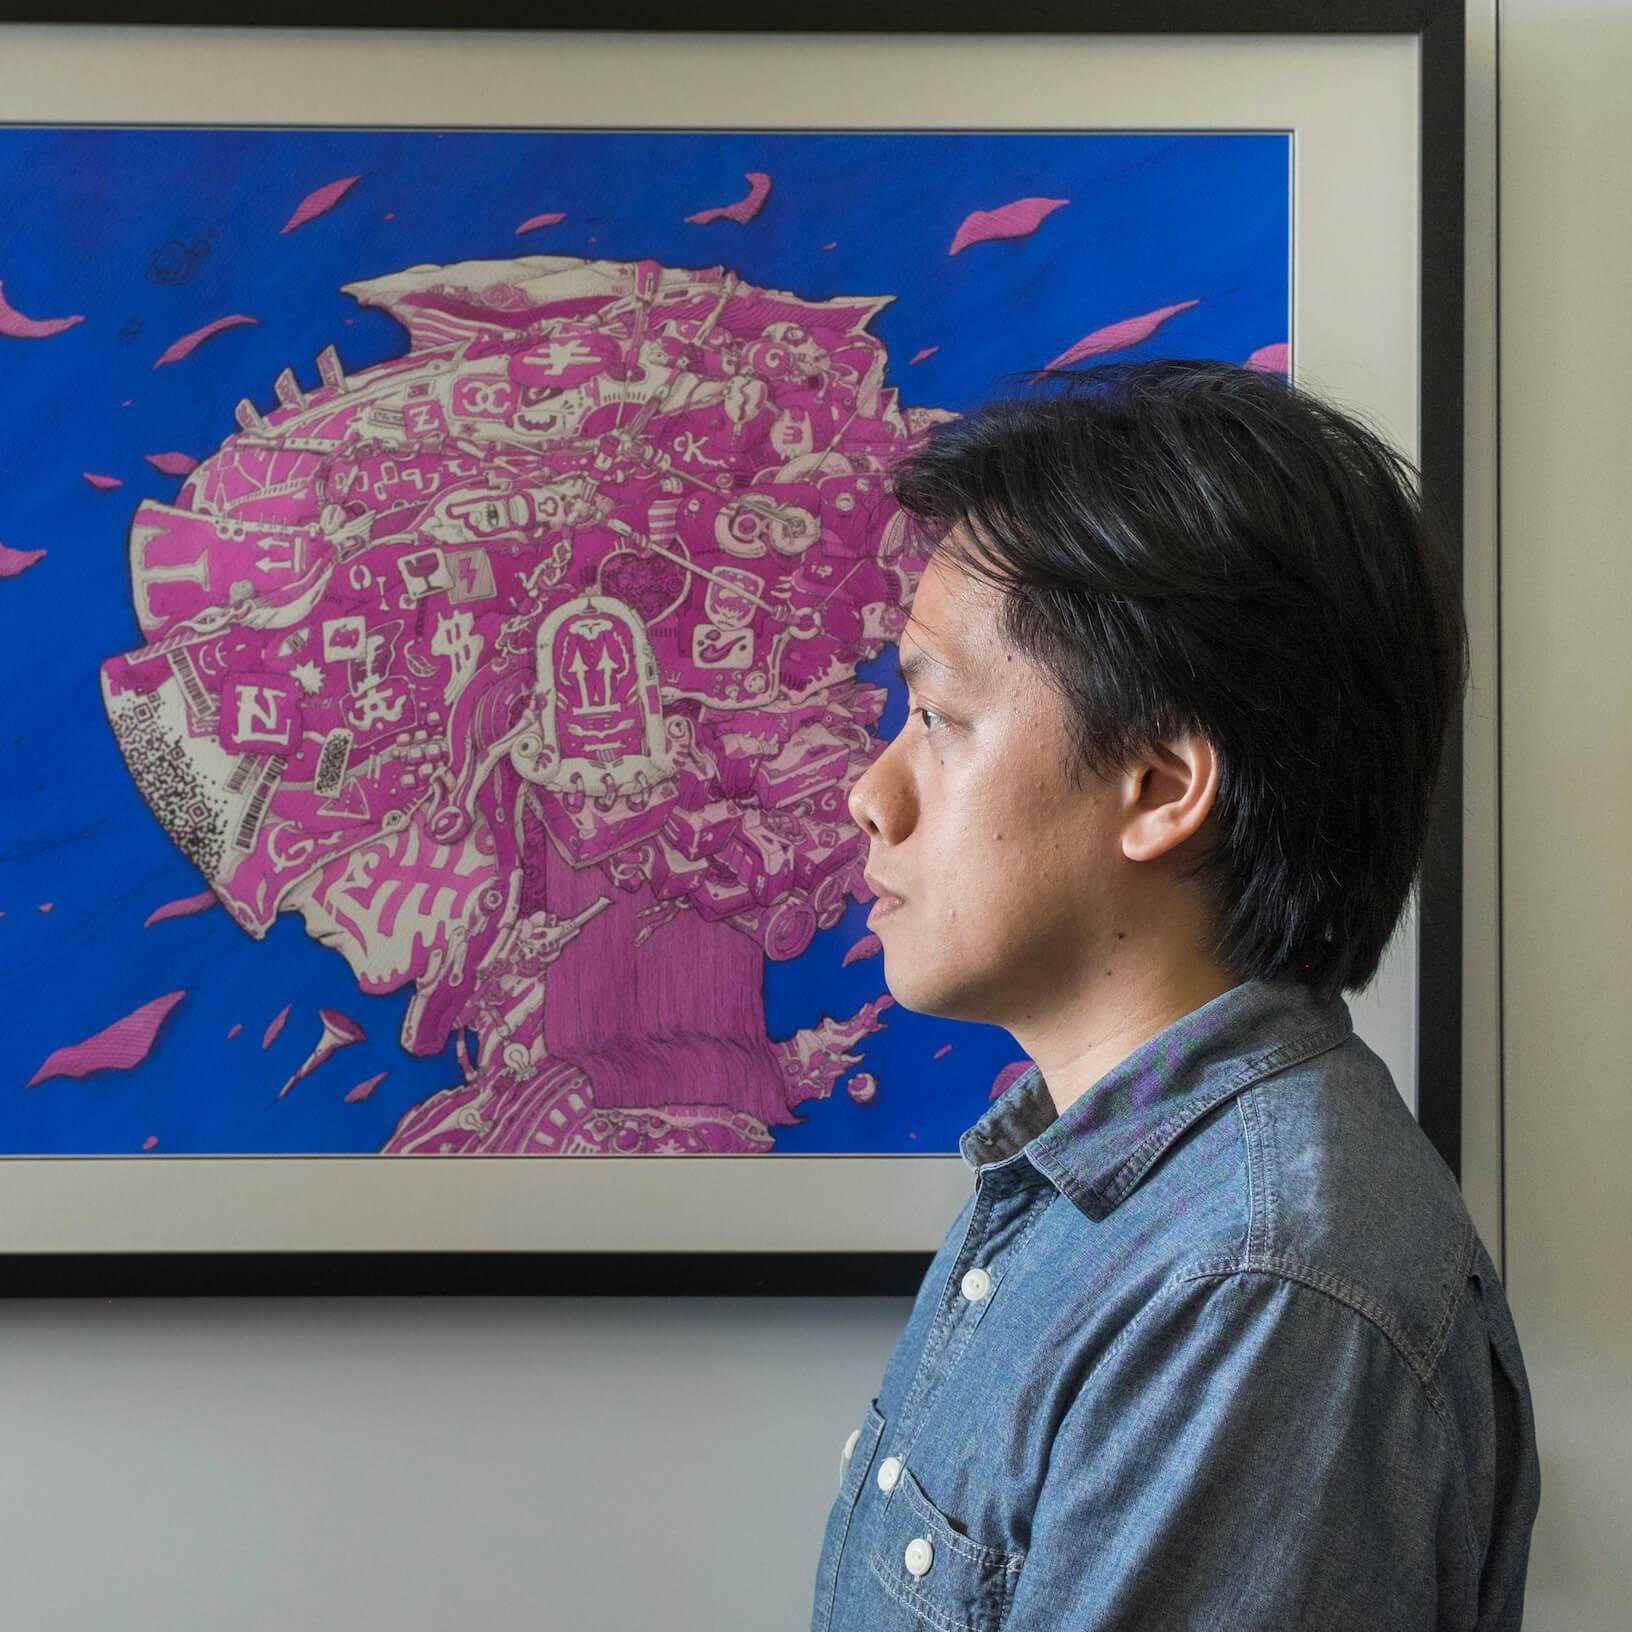 姜智傑曾於最近停刊的《Co-Co!》漫畫雜誌發表漫畫作品《森巴Family》。